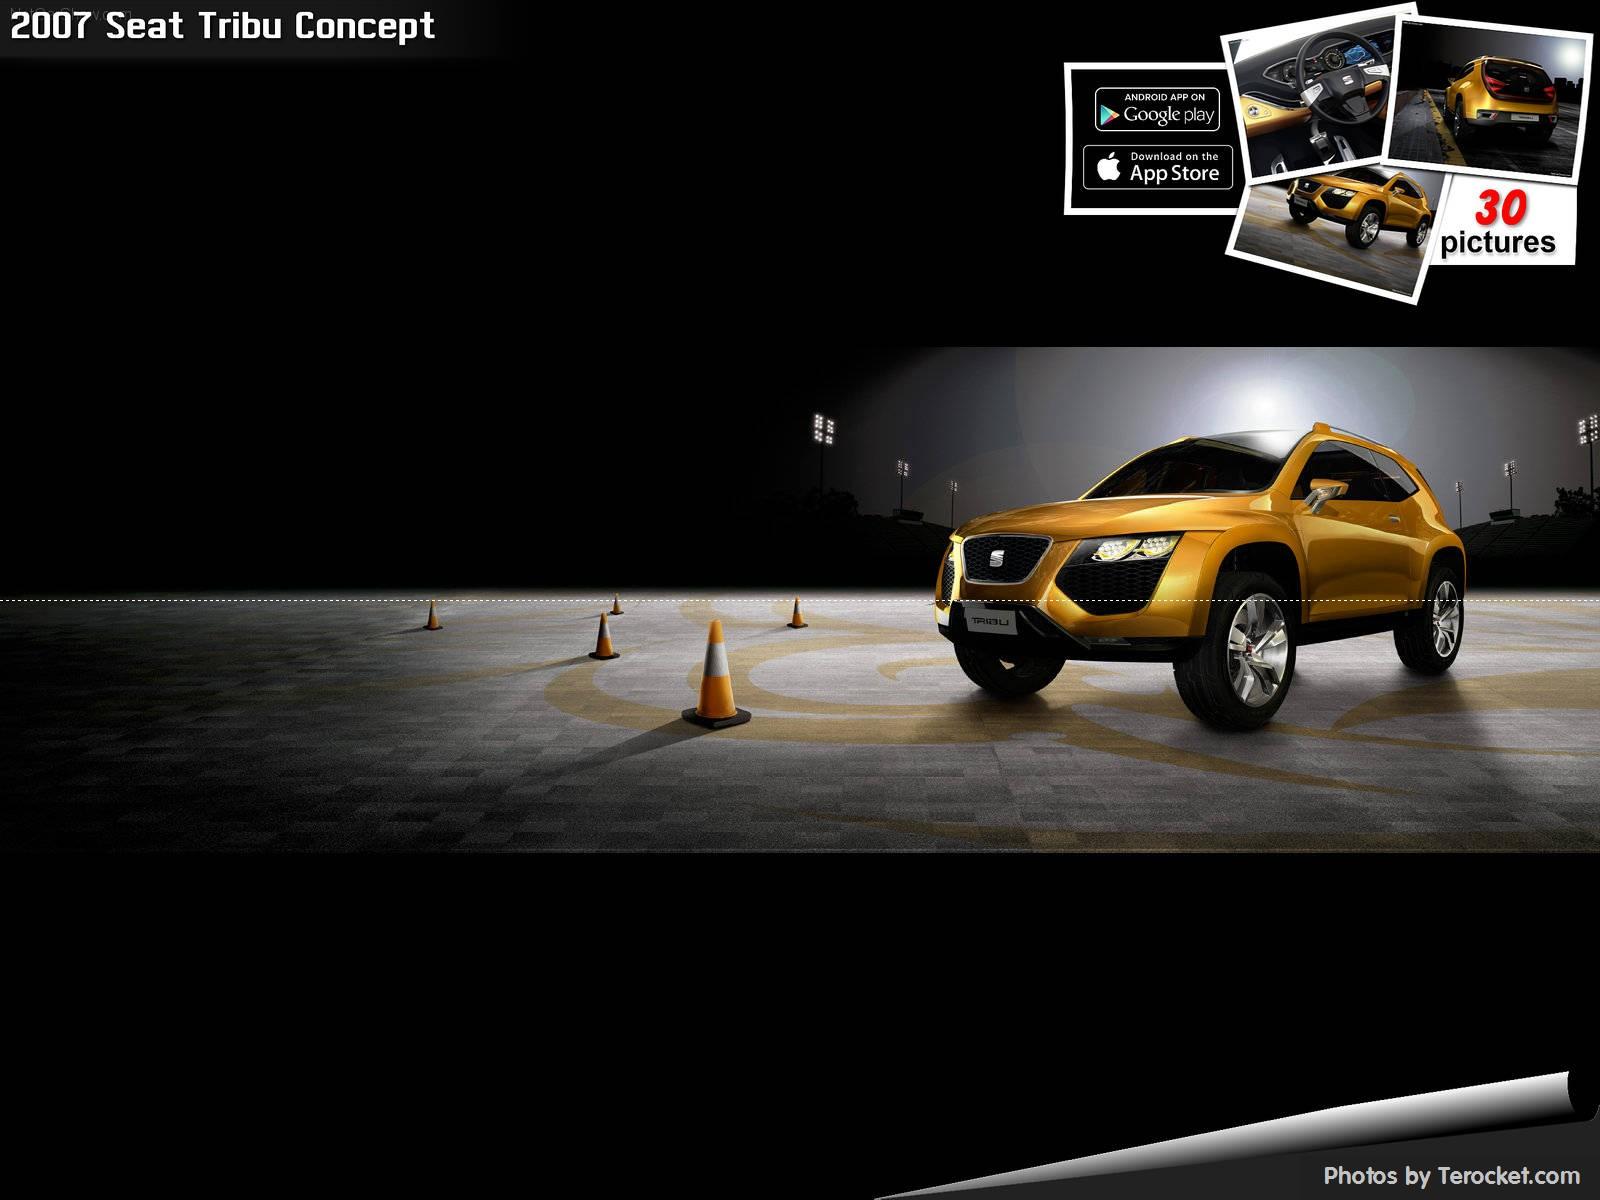 Hình ảnh xe ô tô Seat Tribu Concept 2007 & nội ngoại thất